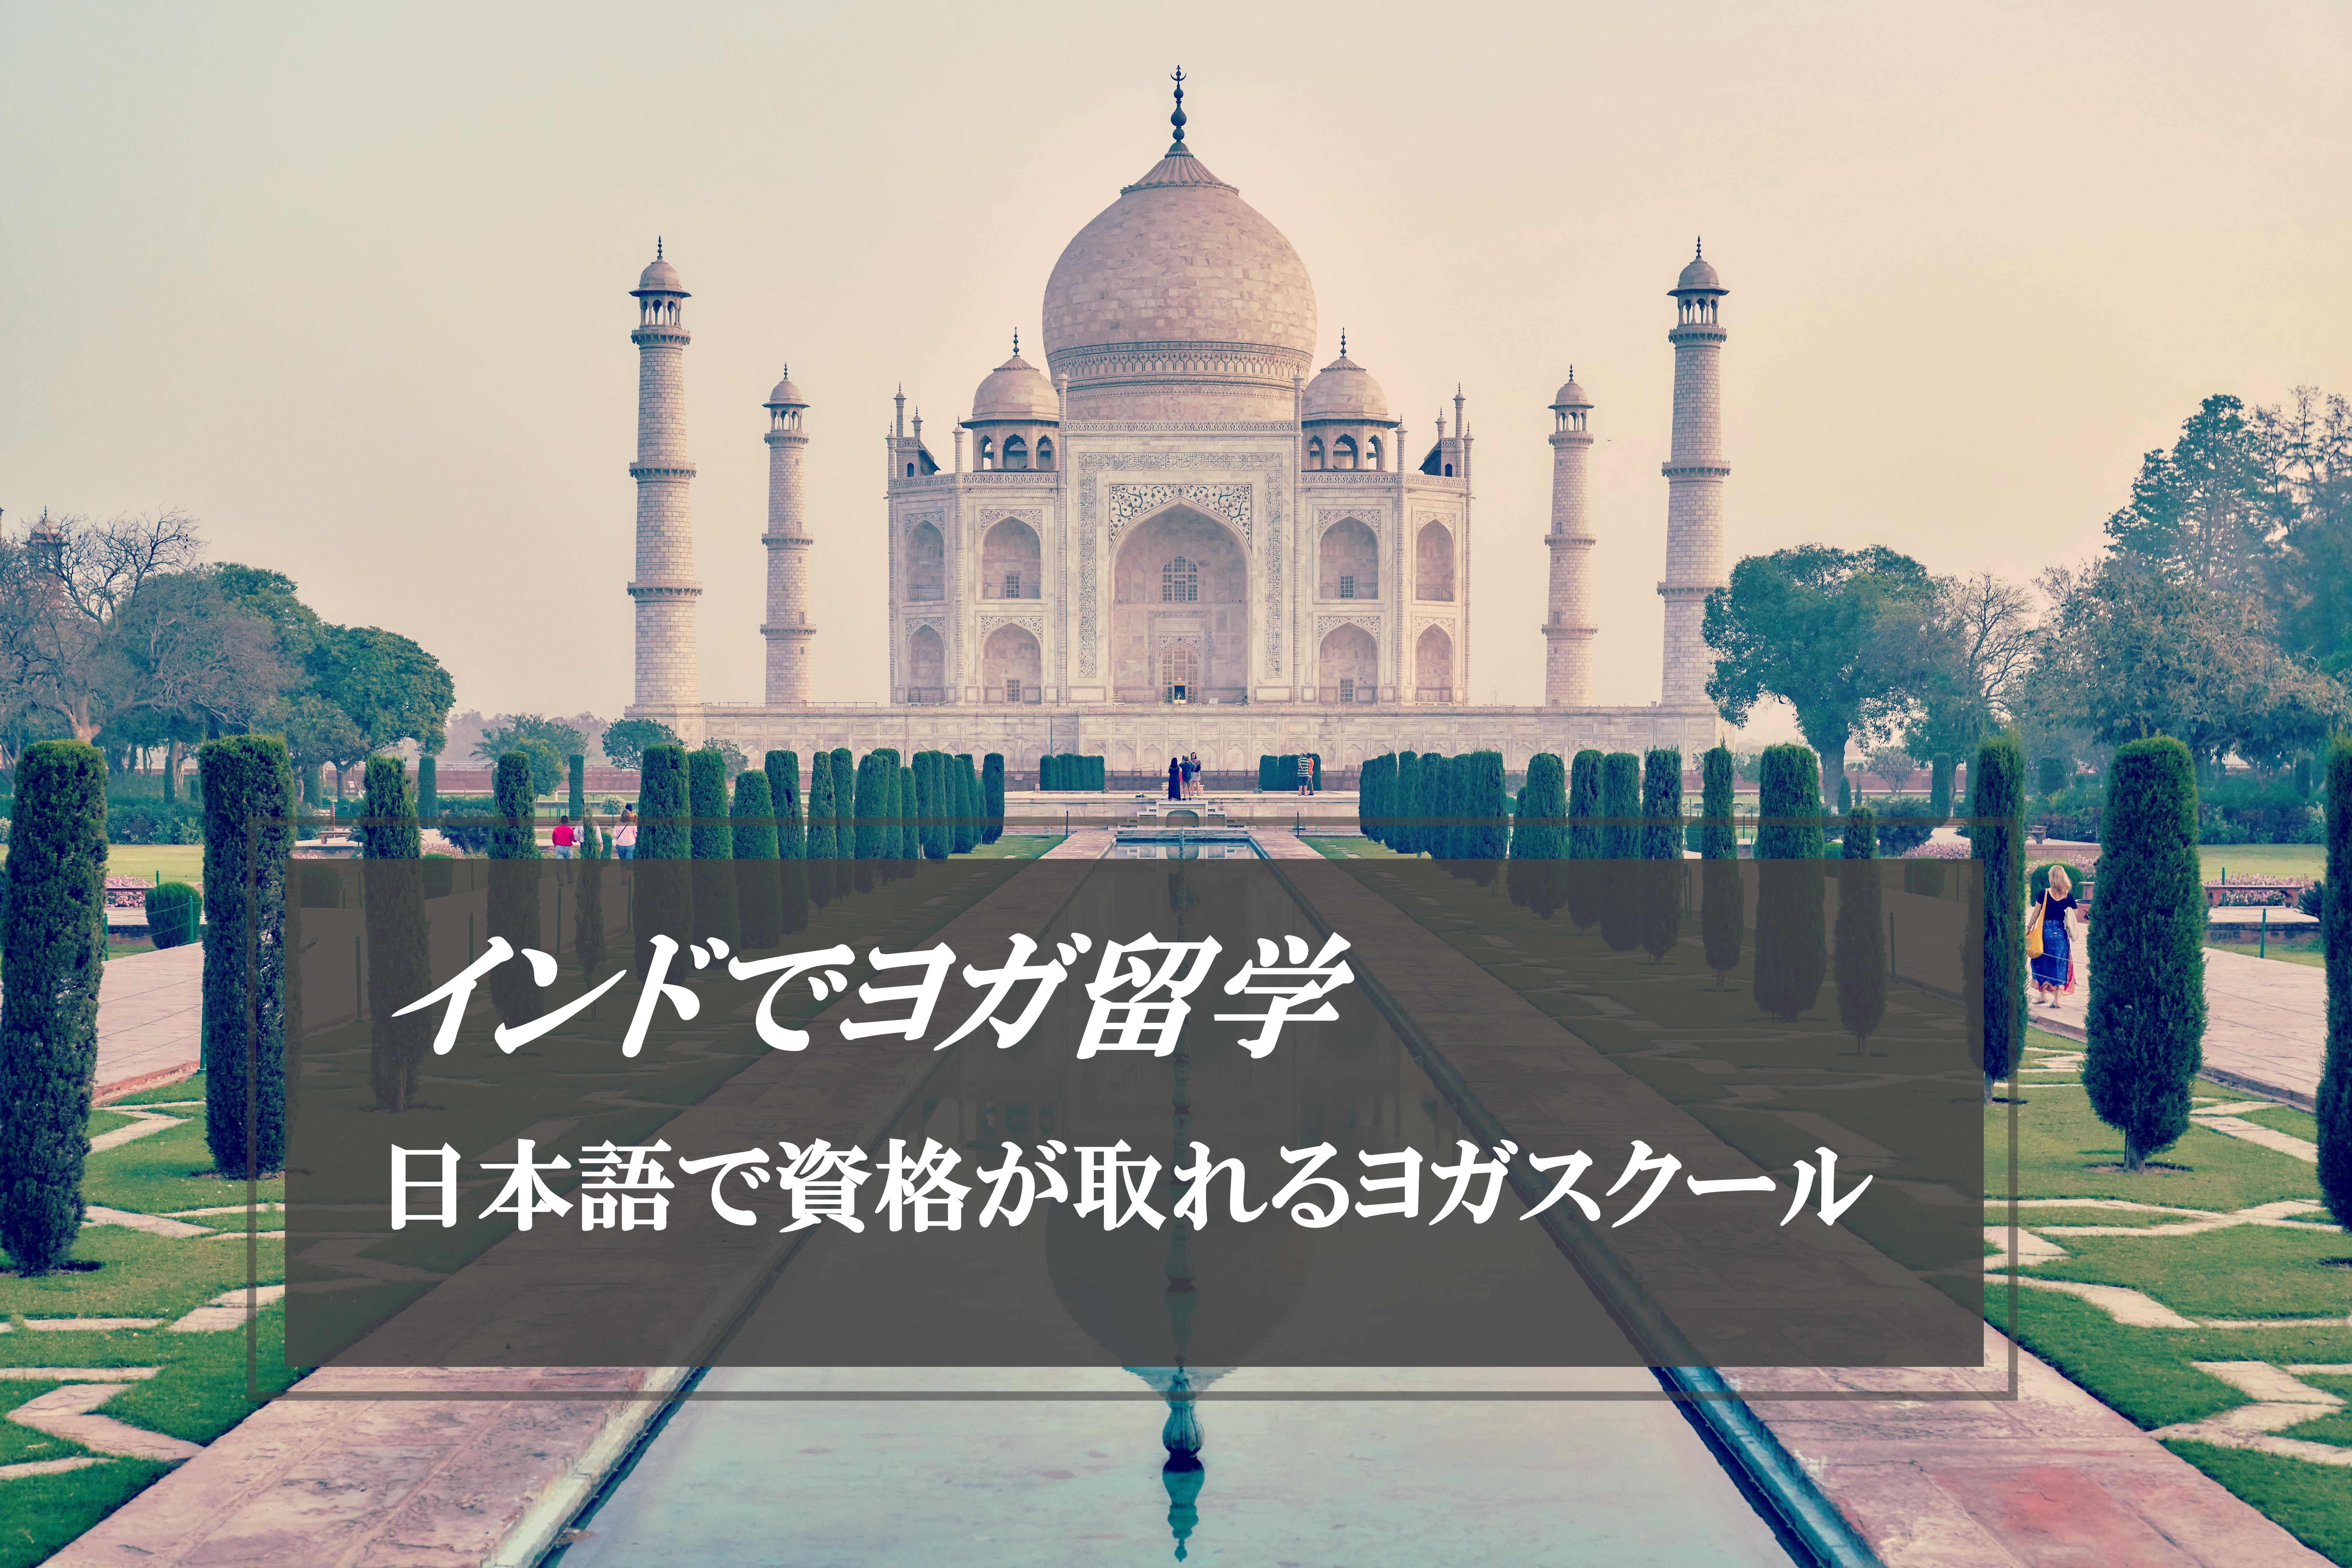 の の ヨガ 発祥 歴史 インド